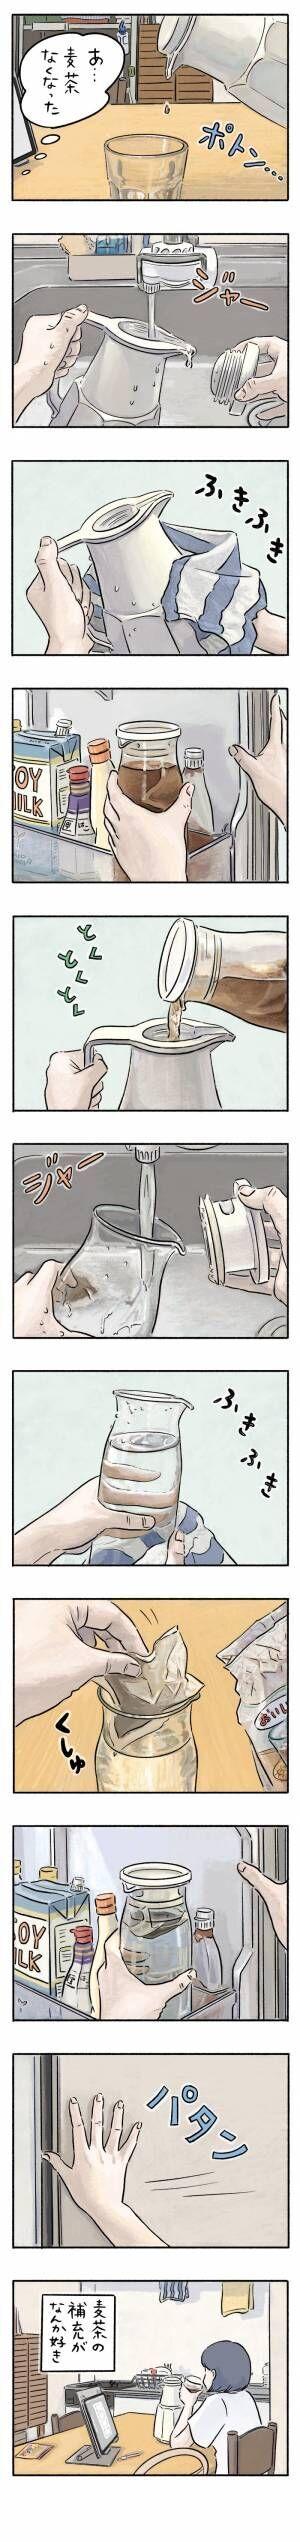 空になった麦茶を補充する。何気ない「日常のルーティン」が妙に落ち着く話の画像